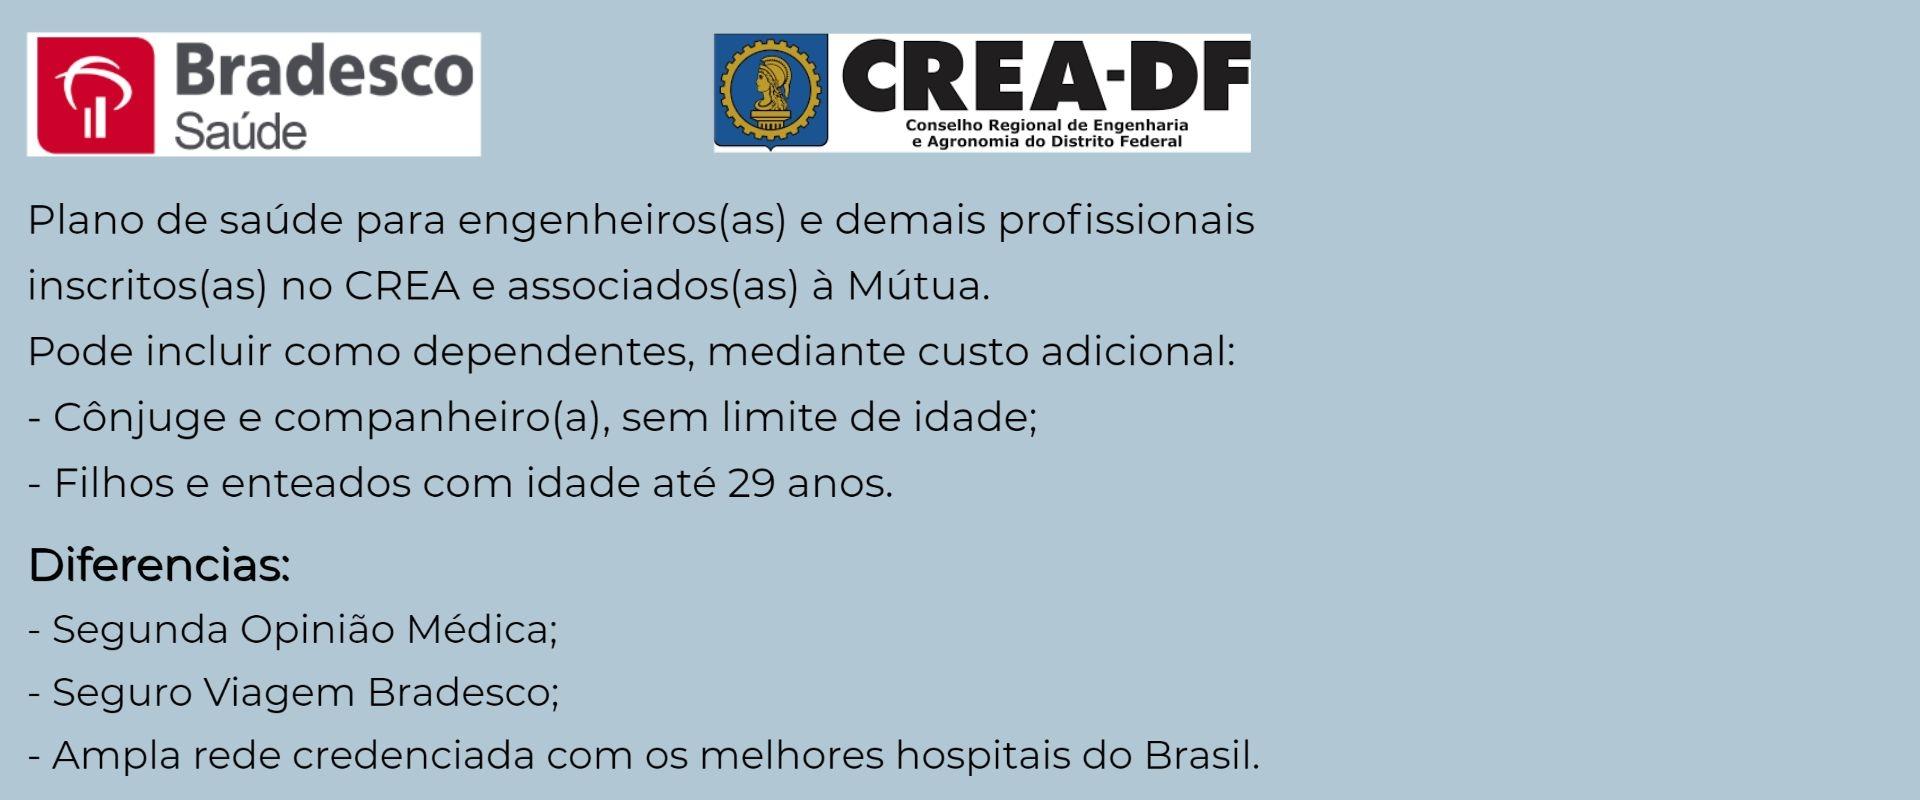 Bradesco Saúde CREA-DF